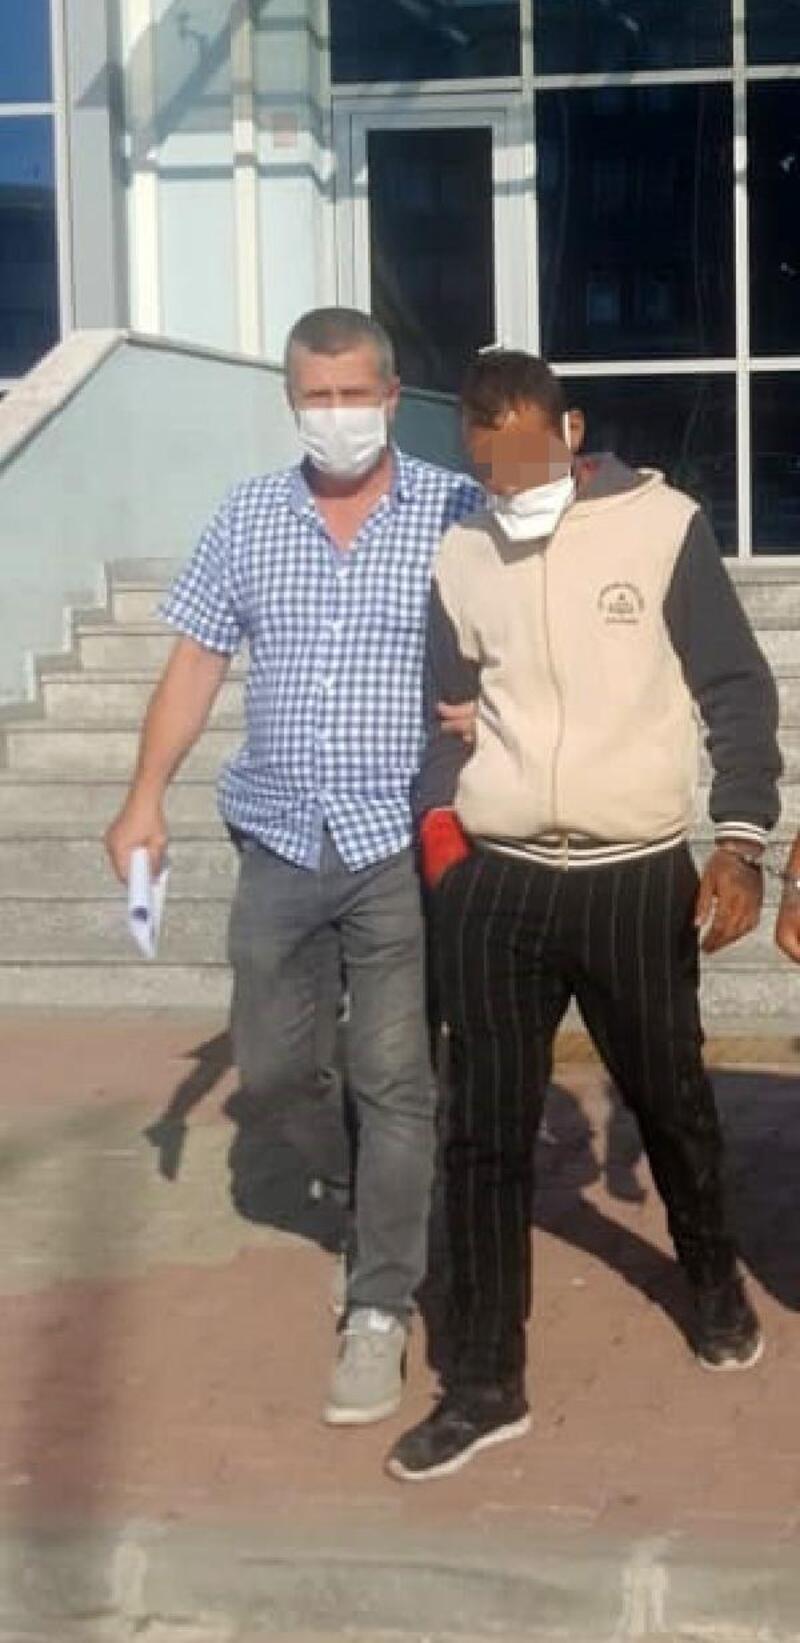 Keşan'da, 'silahlı tehdit' şüphelisine tutuklama